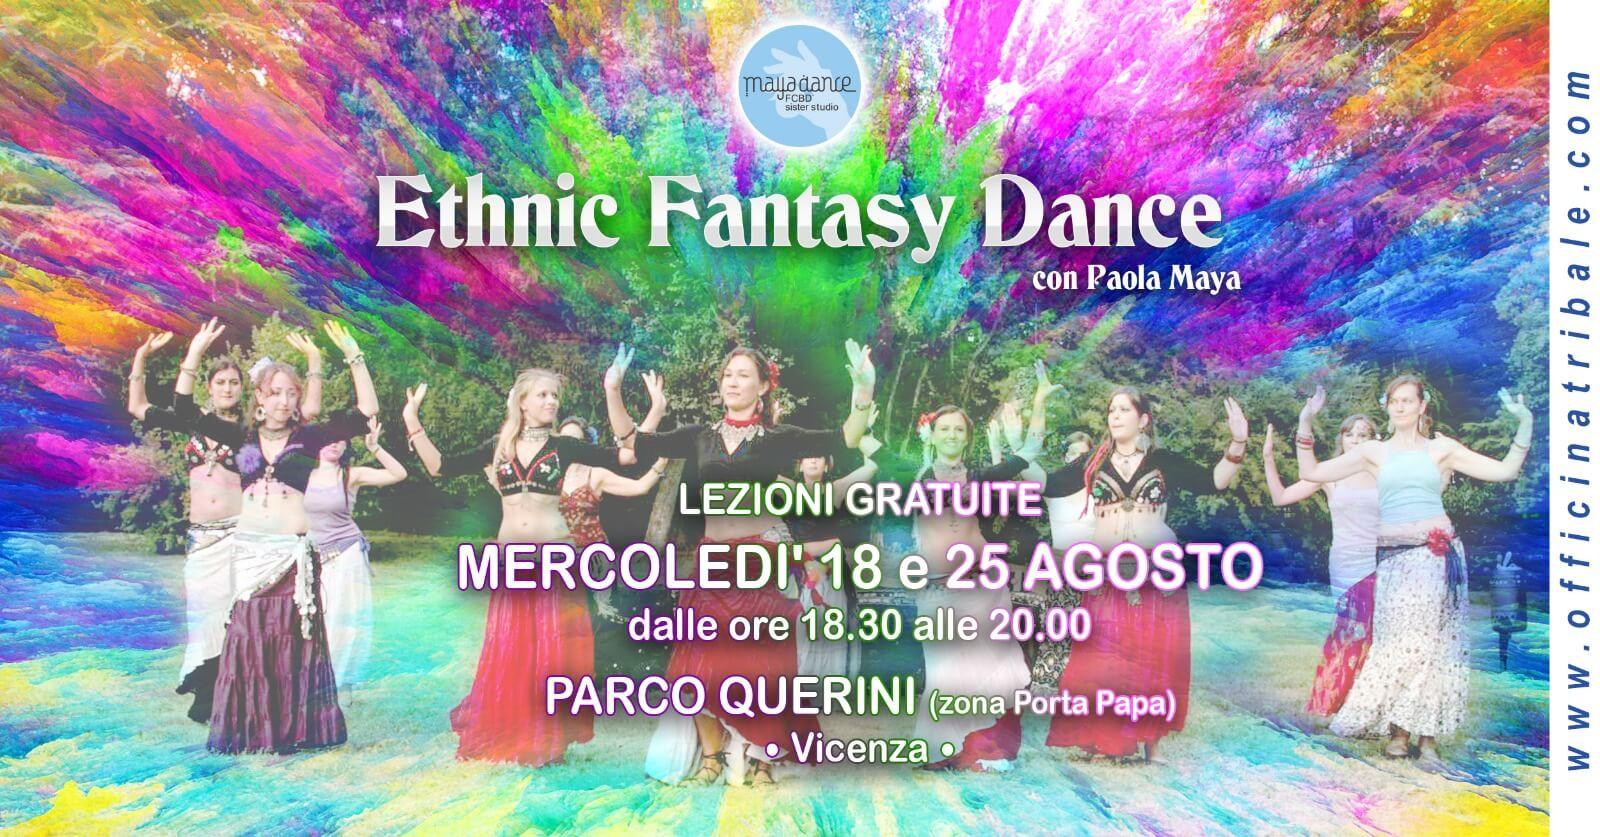 ETHNIC FANTATSY DANCE lezioni gratuite al parco Querini Vicenza